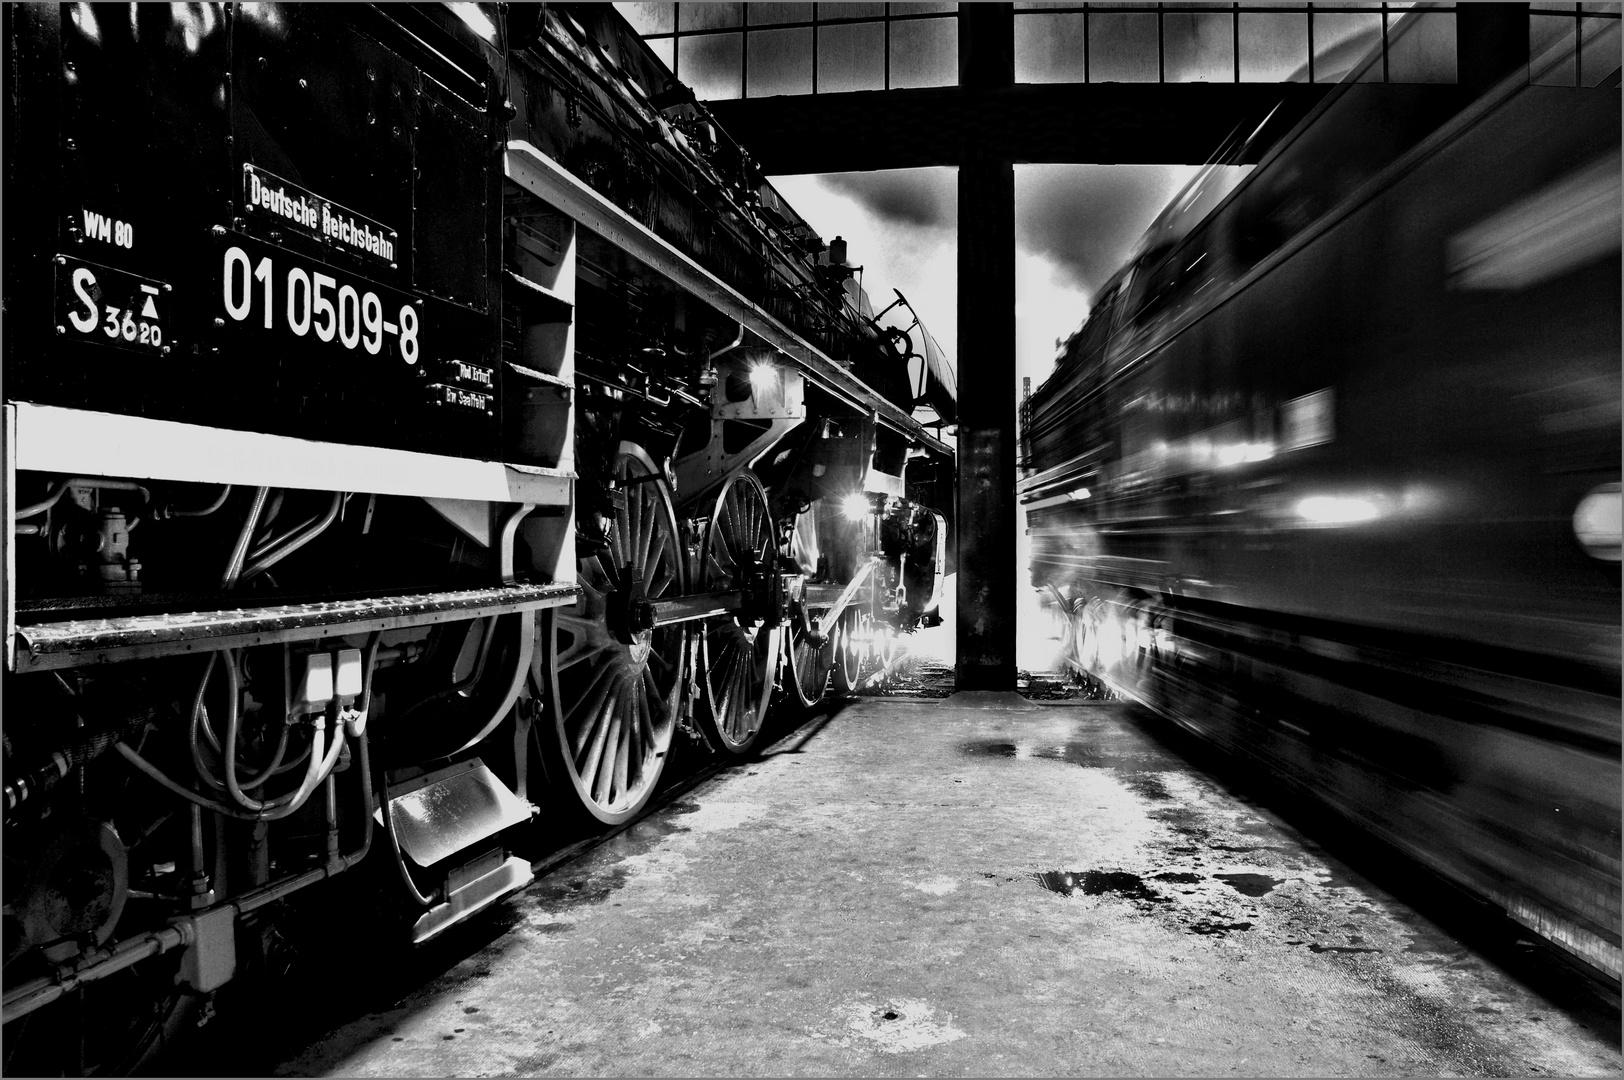 Ruhe und Ausfahrt - Dampfloktreffen Dresden 2013